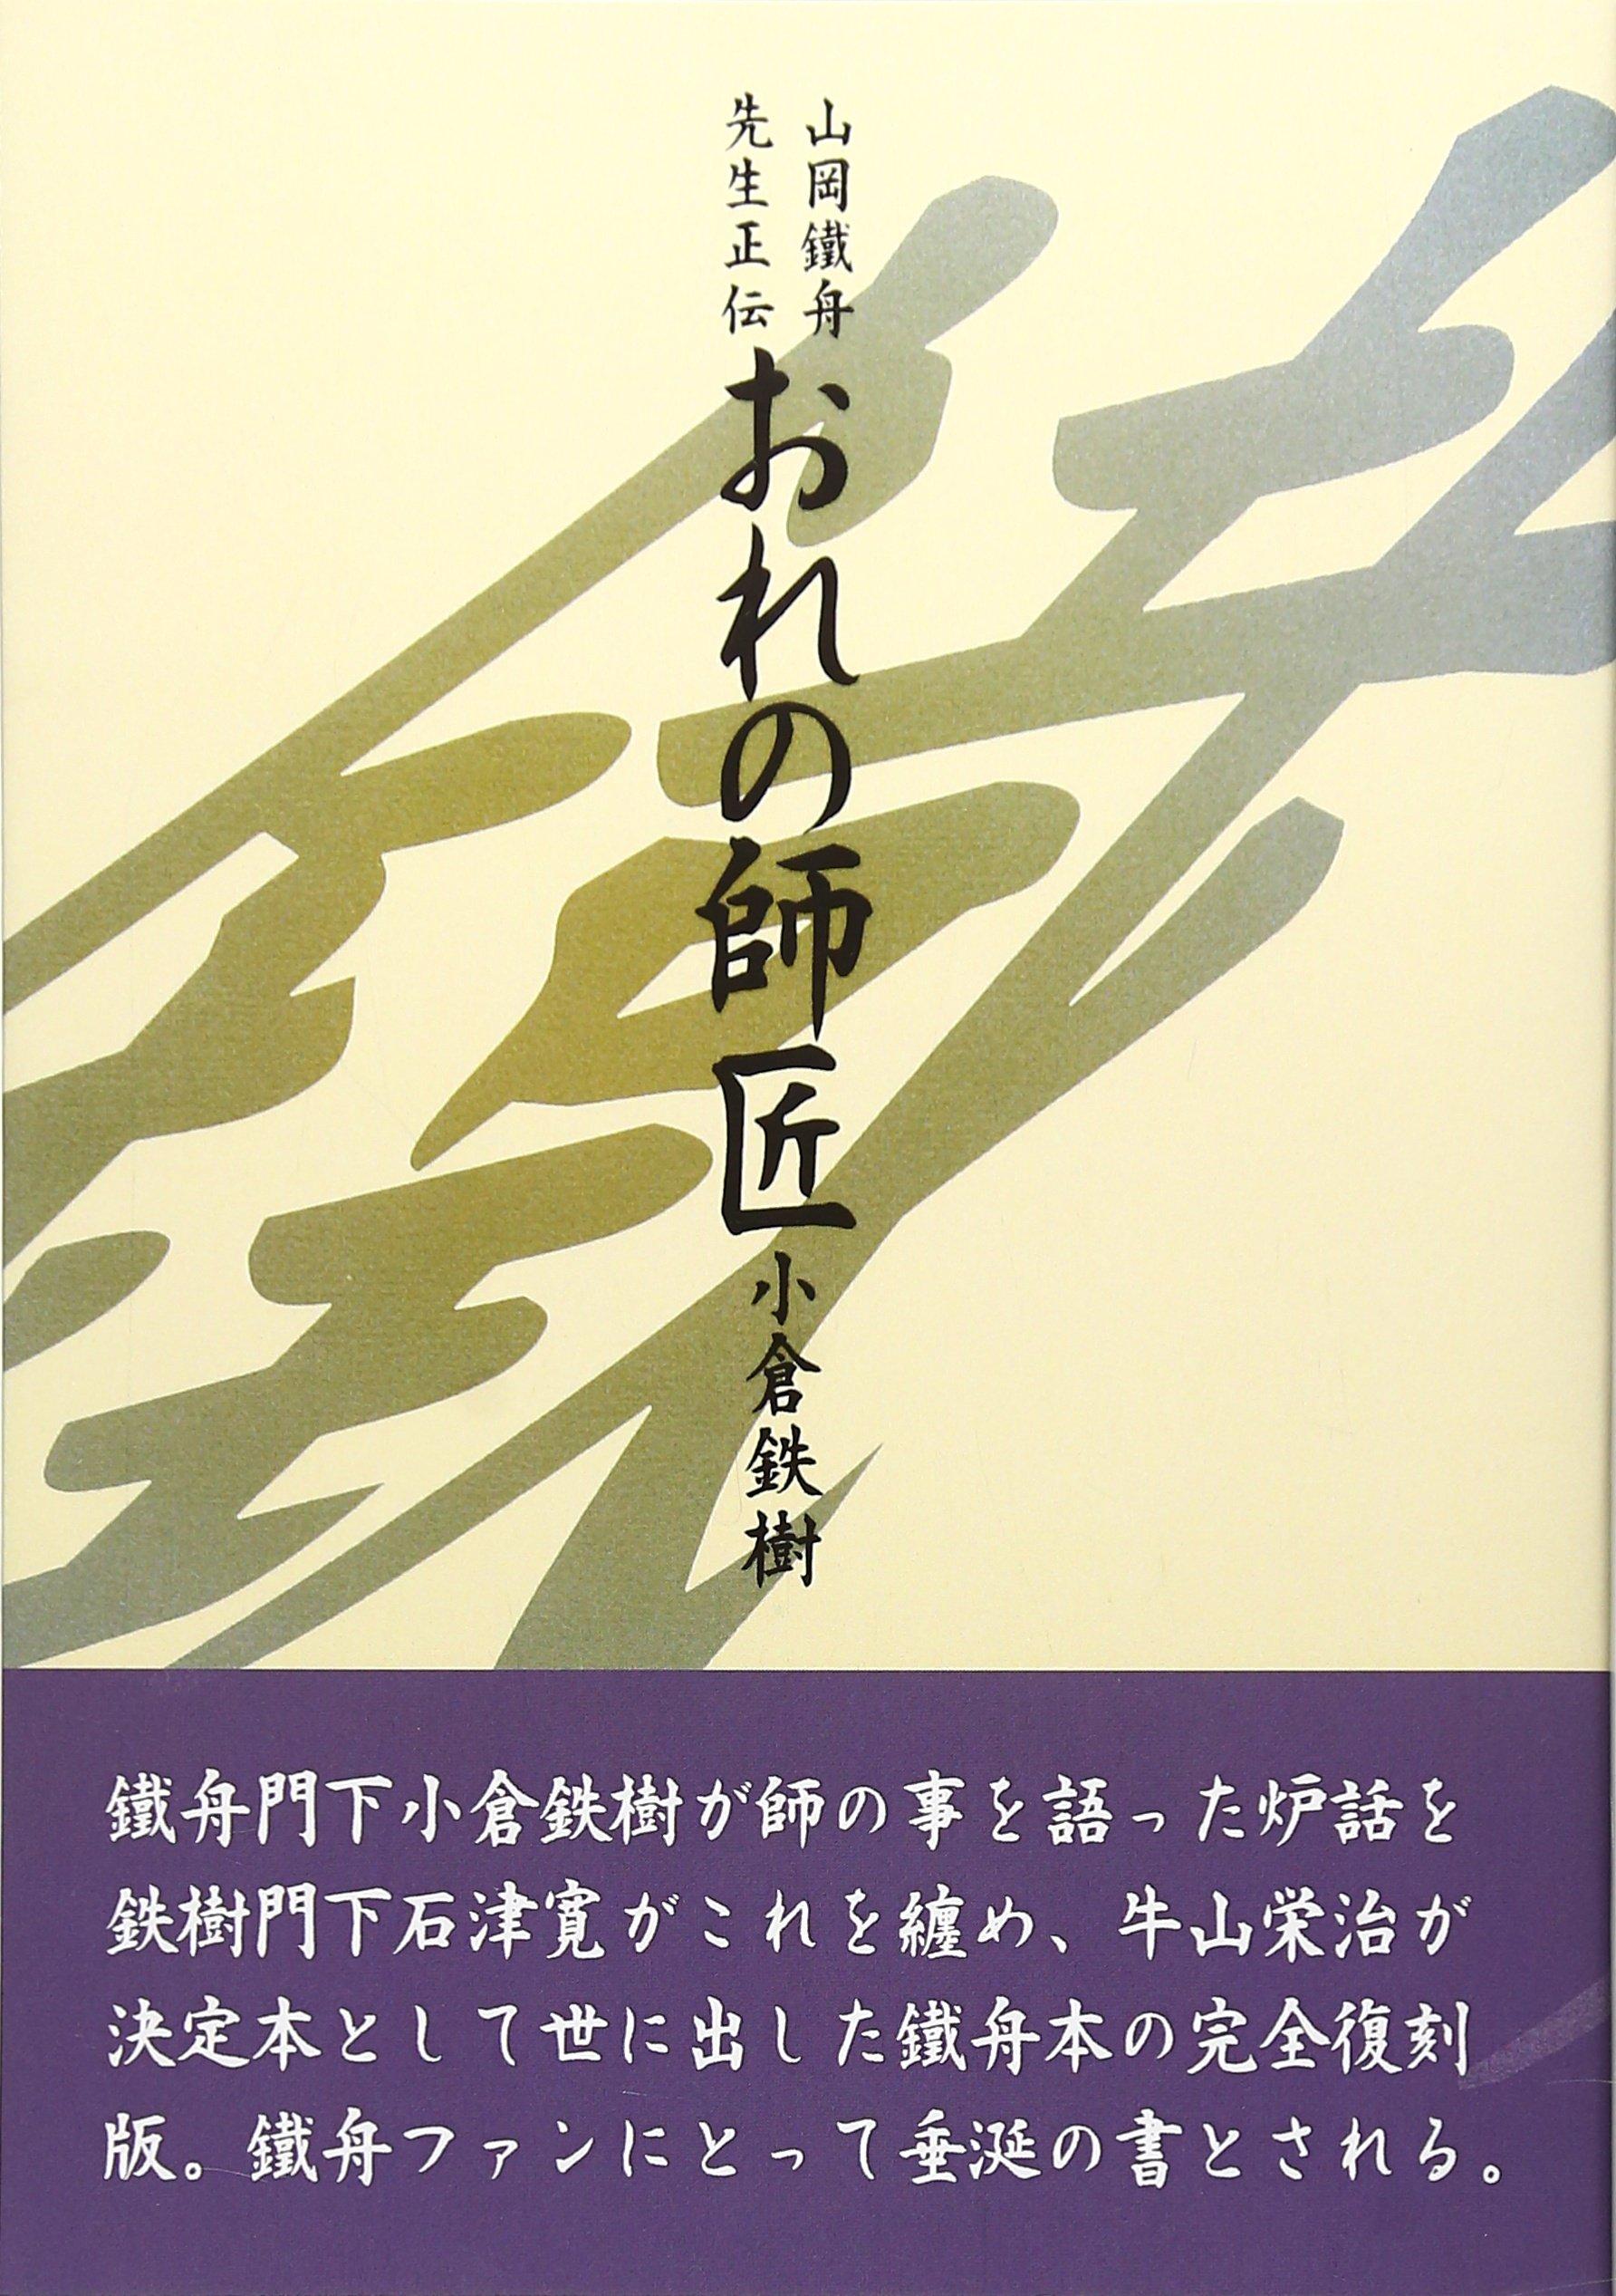 「小倉鉄樹」の画像検索結果